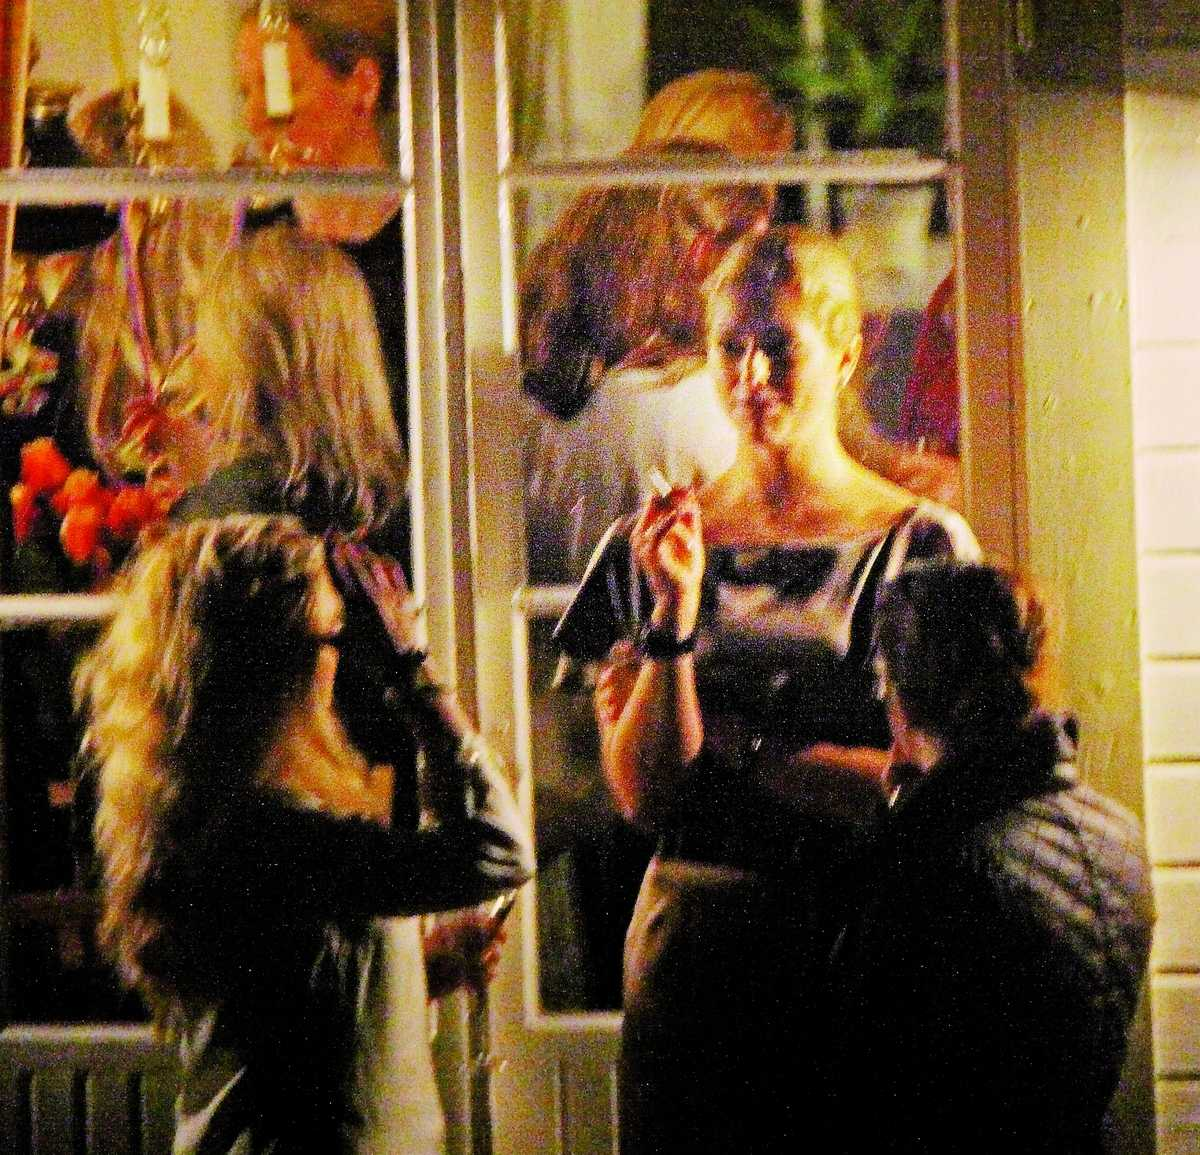 I helgen festade prinsessan Madeleine med sina vänner – och fastnade på bild rökande en cigarett. Aftonbladet har sökt prinsessan för att få en kommentar om vad hon tycker om det faktum att rökningen är del av unga svenska tjejers liv.